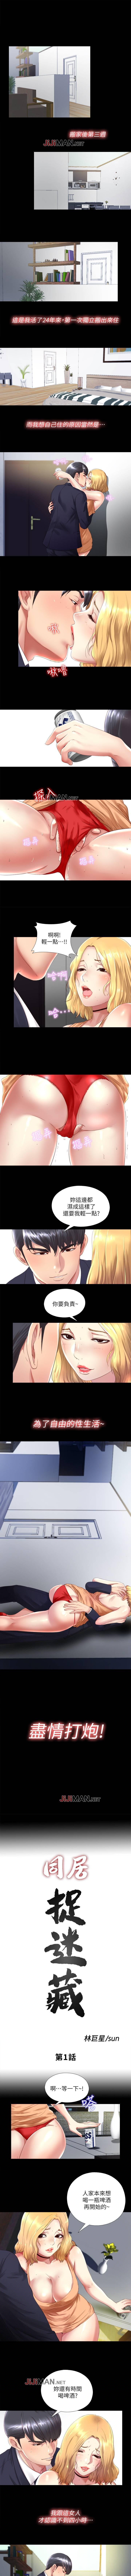 【已完结】同居捉迷藏(作者:林巨星) 第1~30话 0